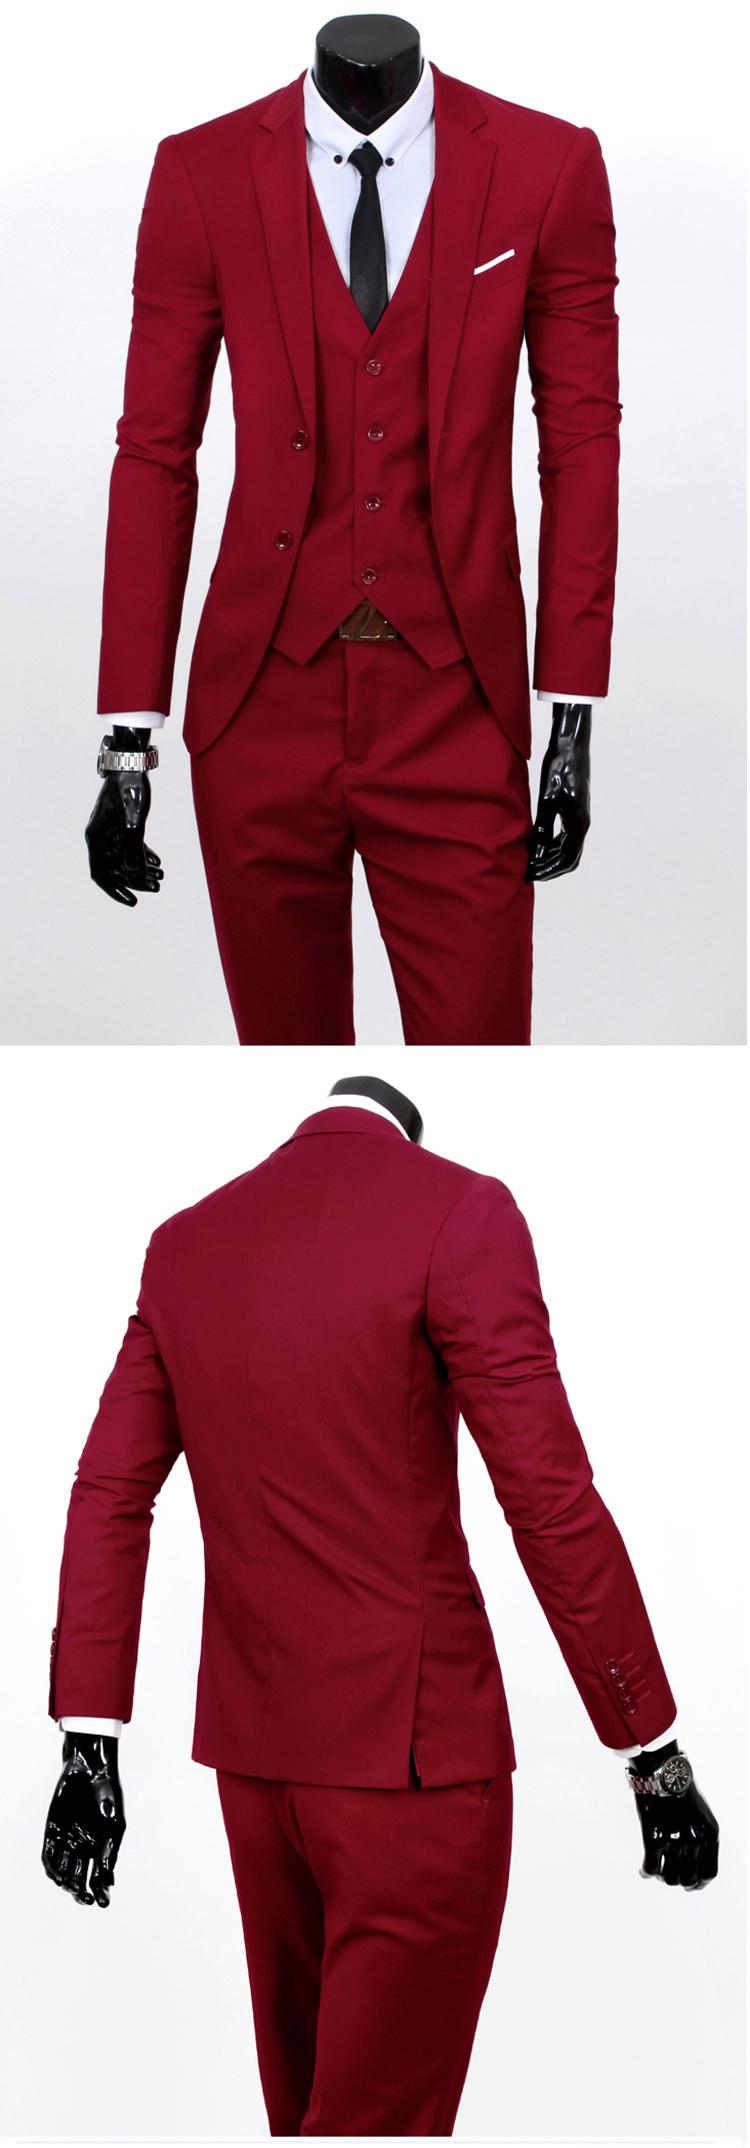 HTB1eBrkPpXXXXcmXVXXq6xXFXXXW - XMY3DWX(jackets+vest+pants) fashion male quality slim high-grade cotton business BLAZER/Men groom dress suit three-piece/jackets